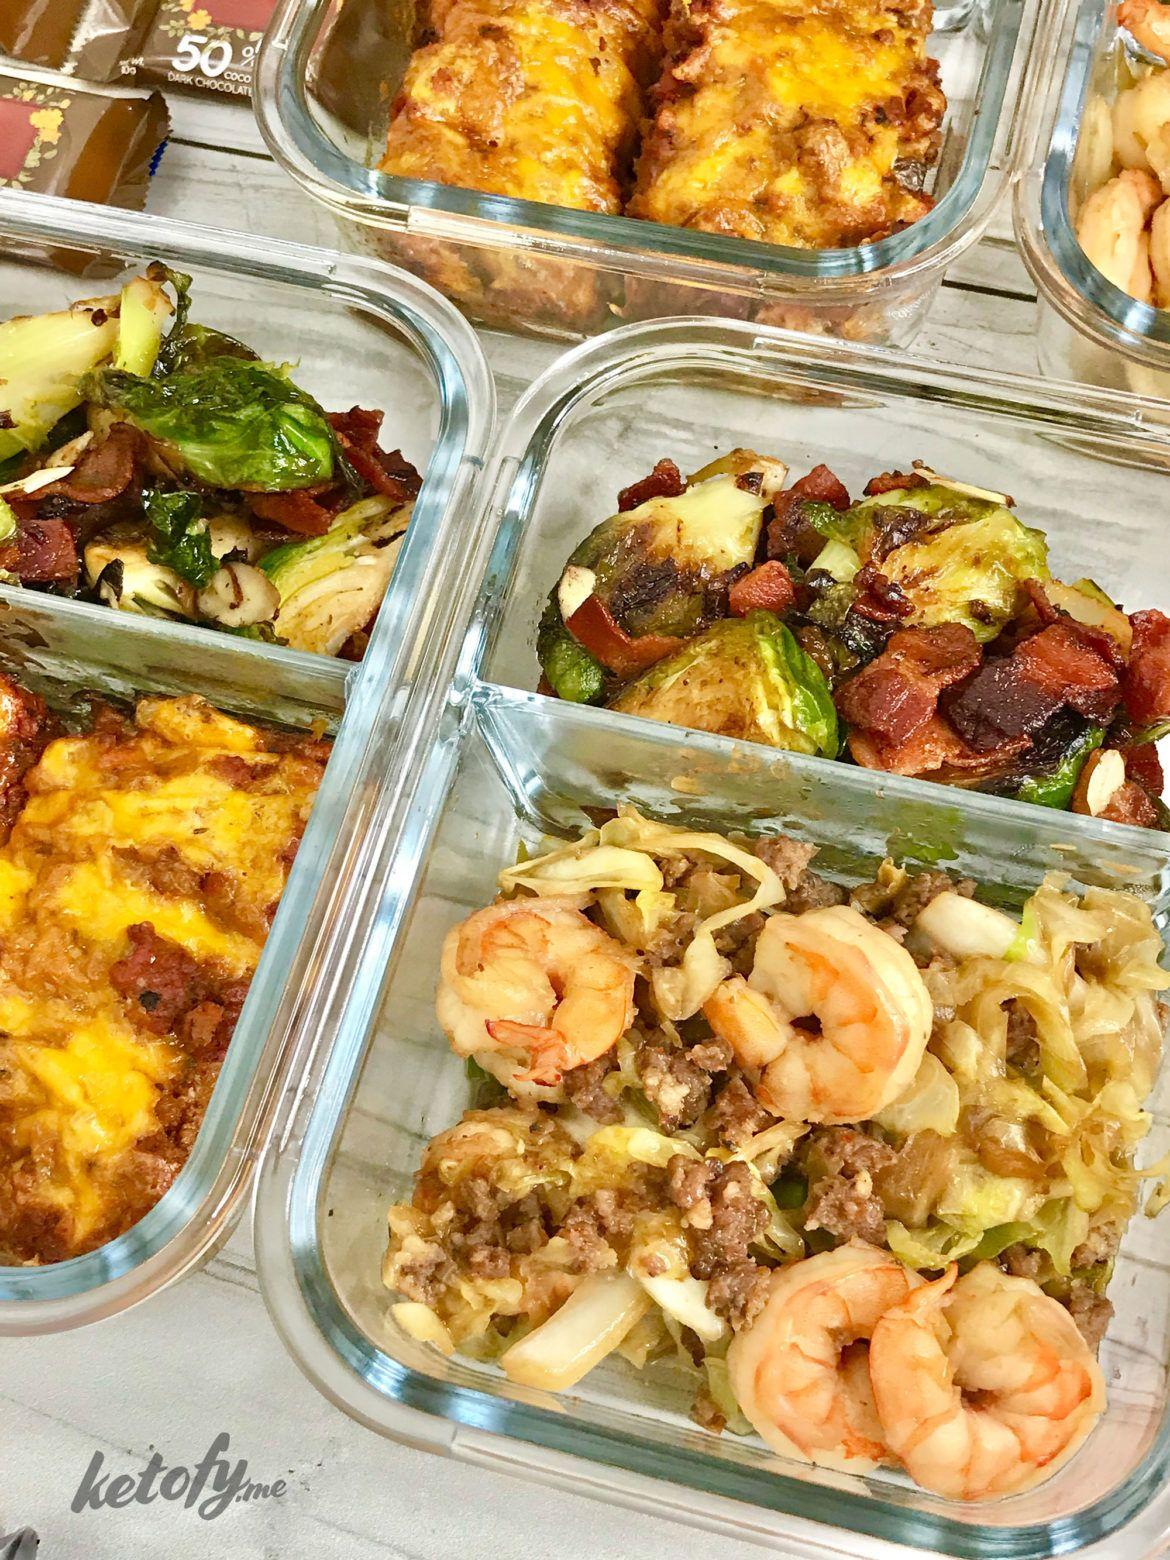 1300 Calorie Keto Diet